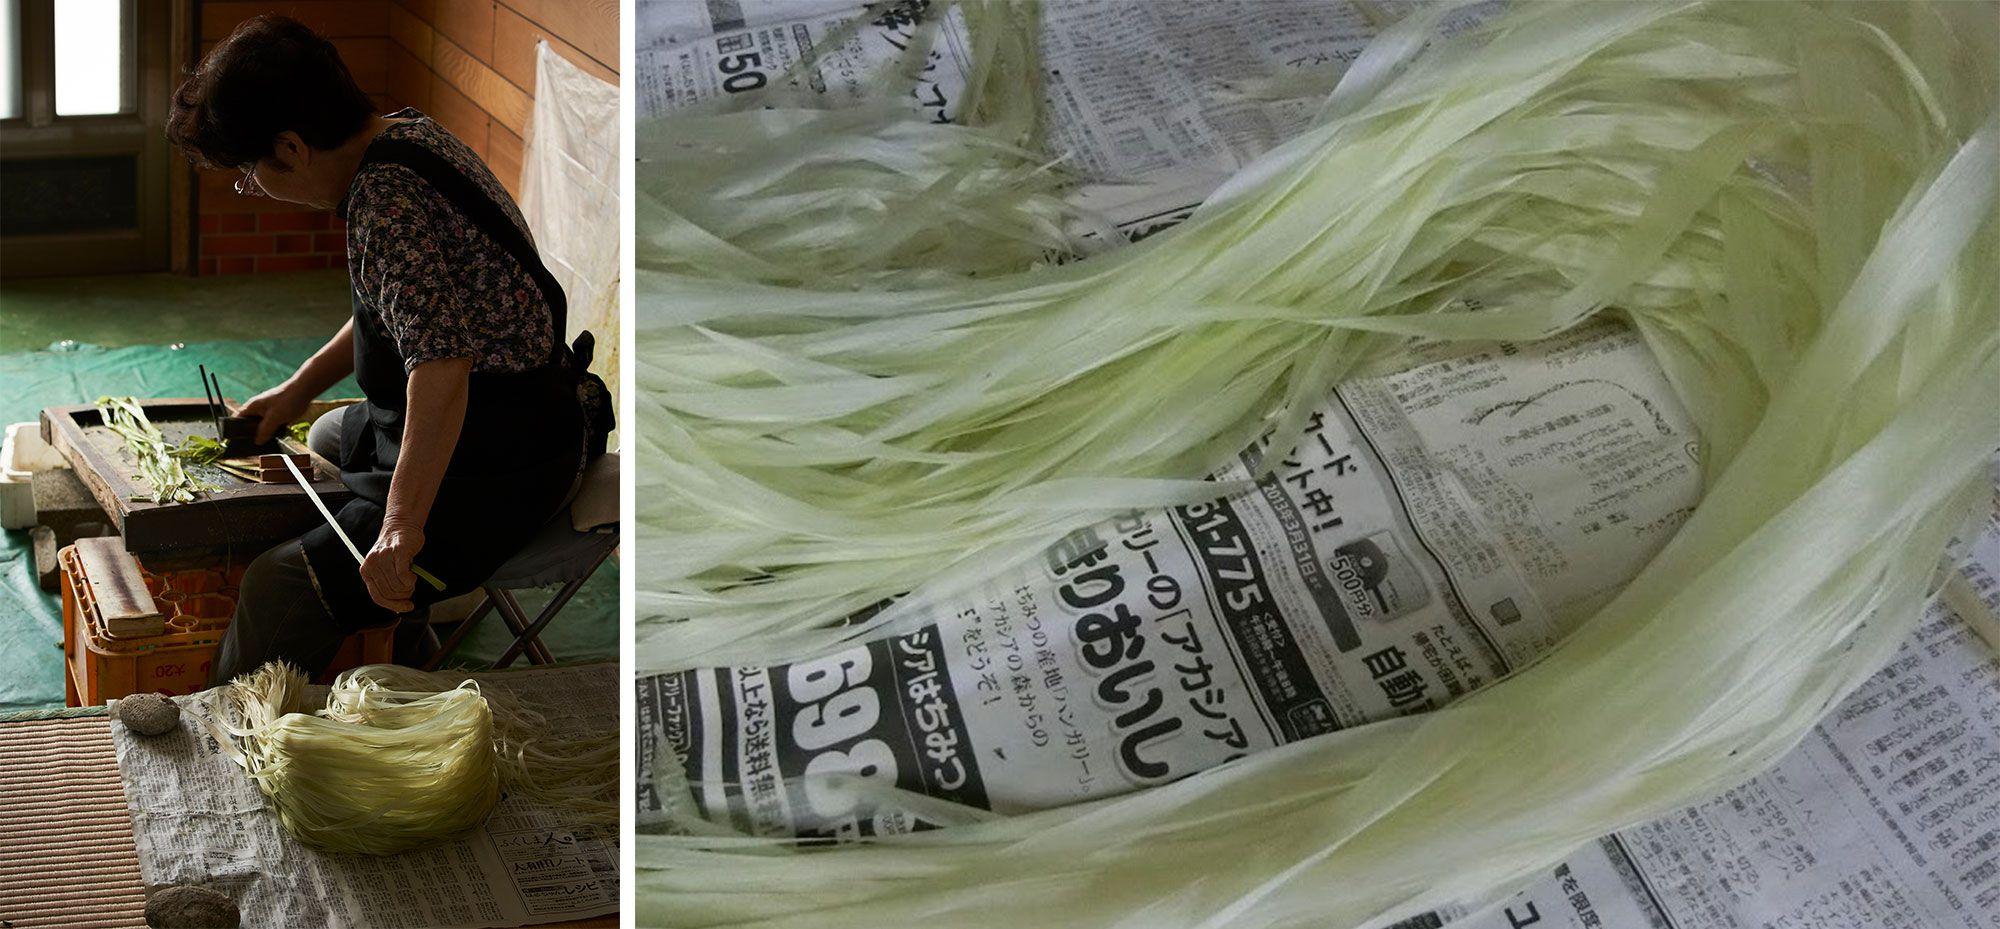 「からむし引き」。オヒキゴと呼ばれる道具の刃で緑の粗皮を削ぎ、内側の繊維をとり出す。(写真提供:昭和村) 写真右からむしのキラ。キラとは「からむし引き」でとり出されたばかりの繊維の放つ光沢のこと。Photography by MasakoSuda